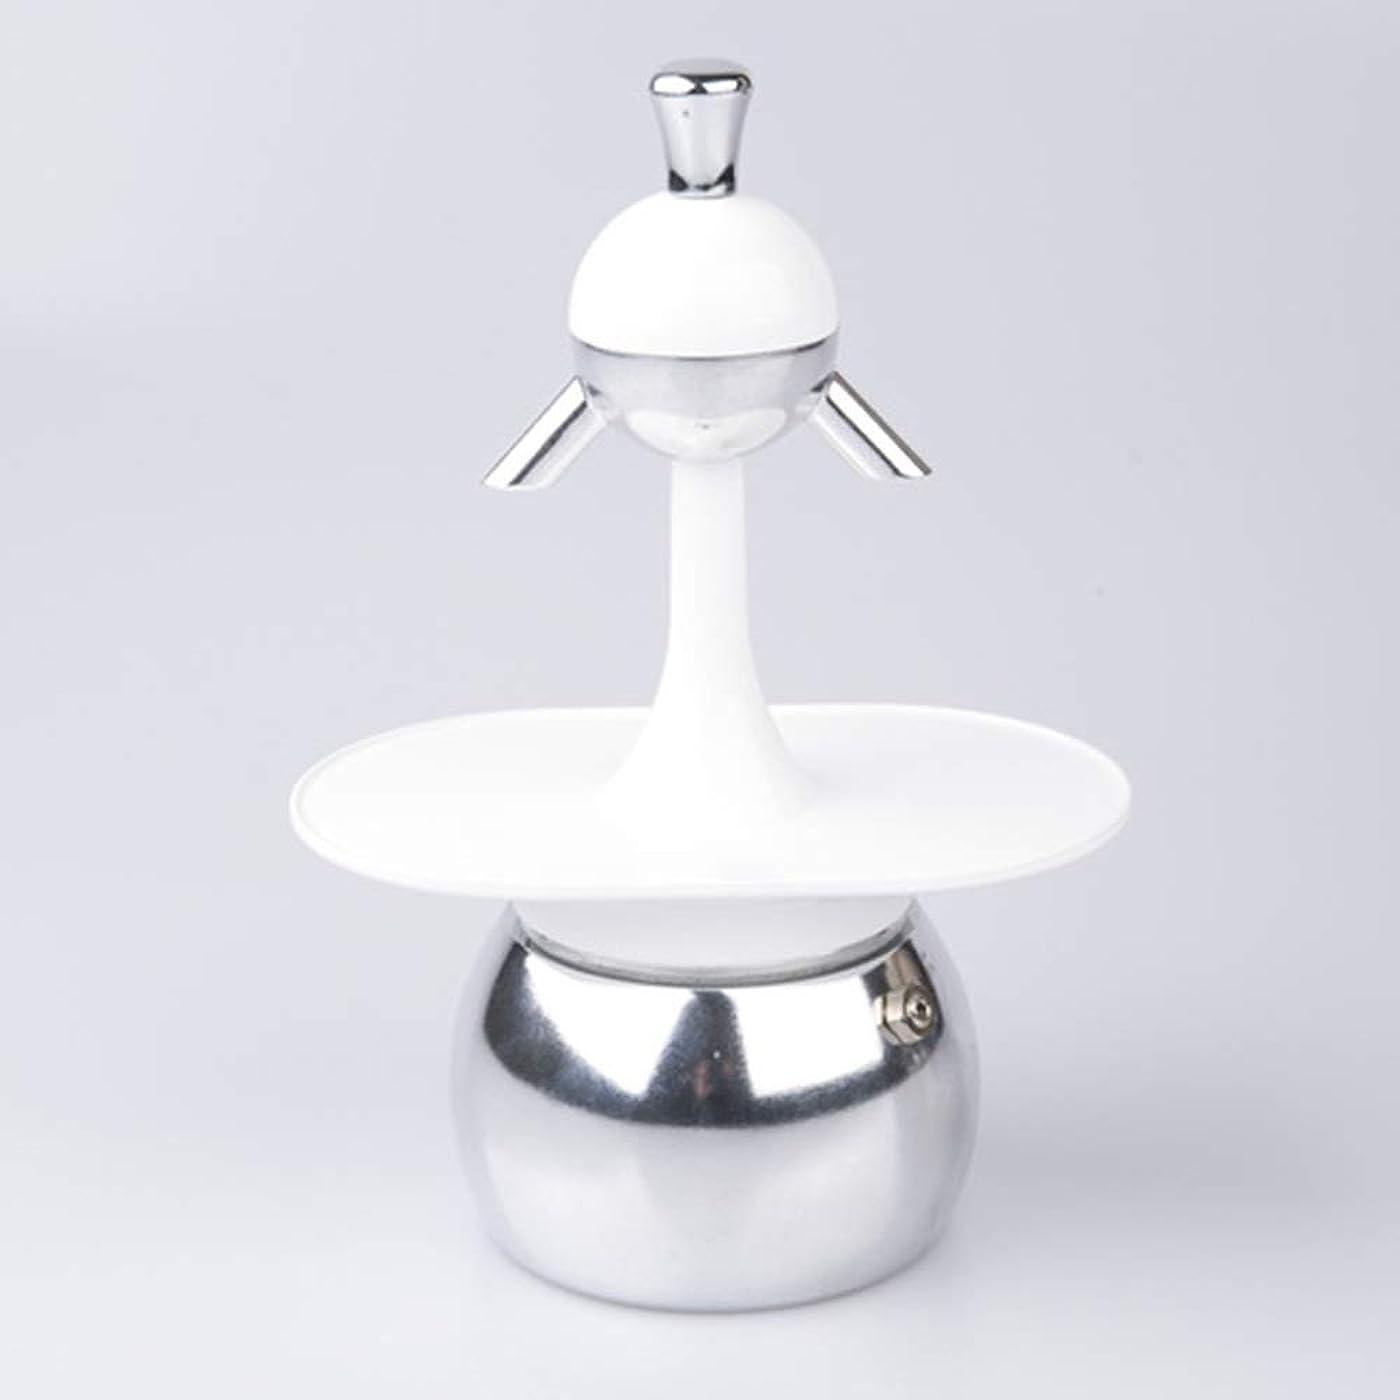 目的曲がった不器用エスプレッソメーカー ガスストーブポットコーヒーメーカーマシンエスプレッソメーカーについては真岡ポットのコーヒーメーカー モカポット (色 : White, Size : 3-4 cup)